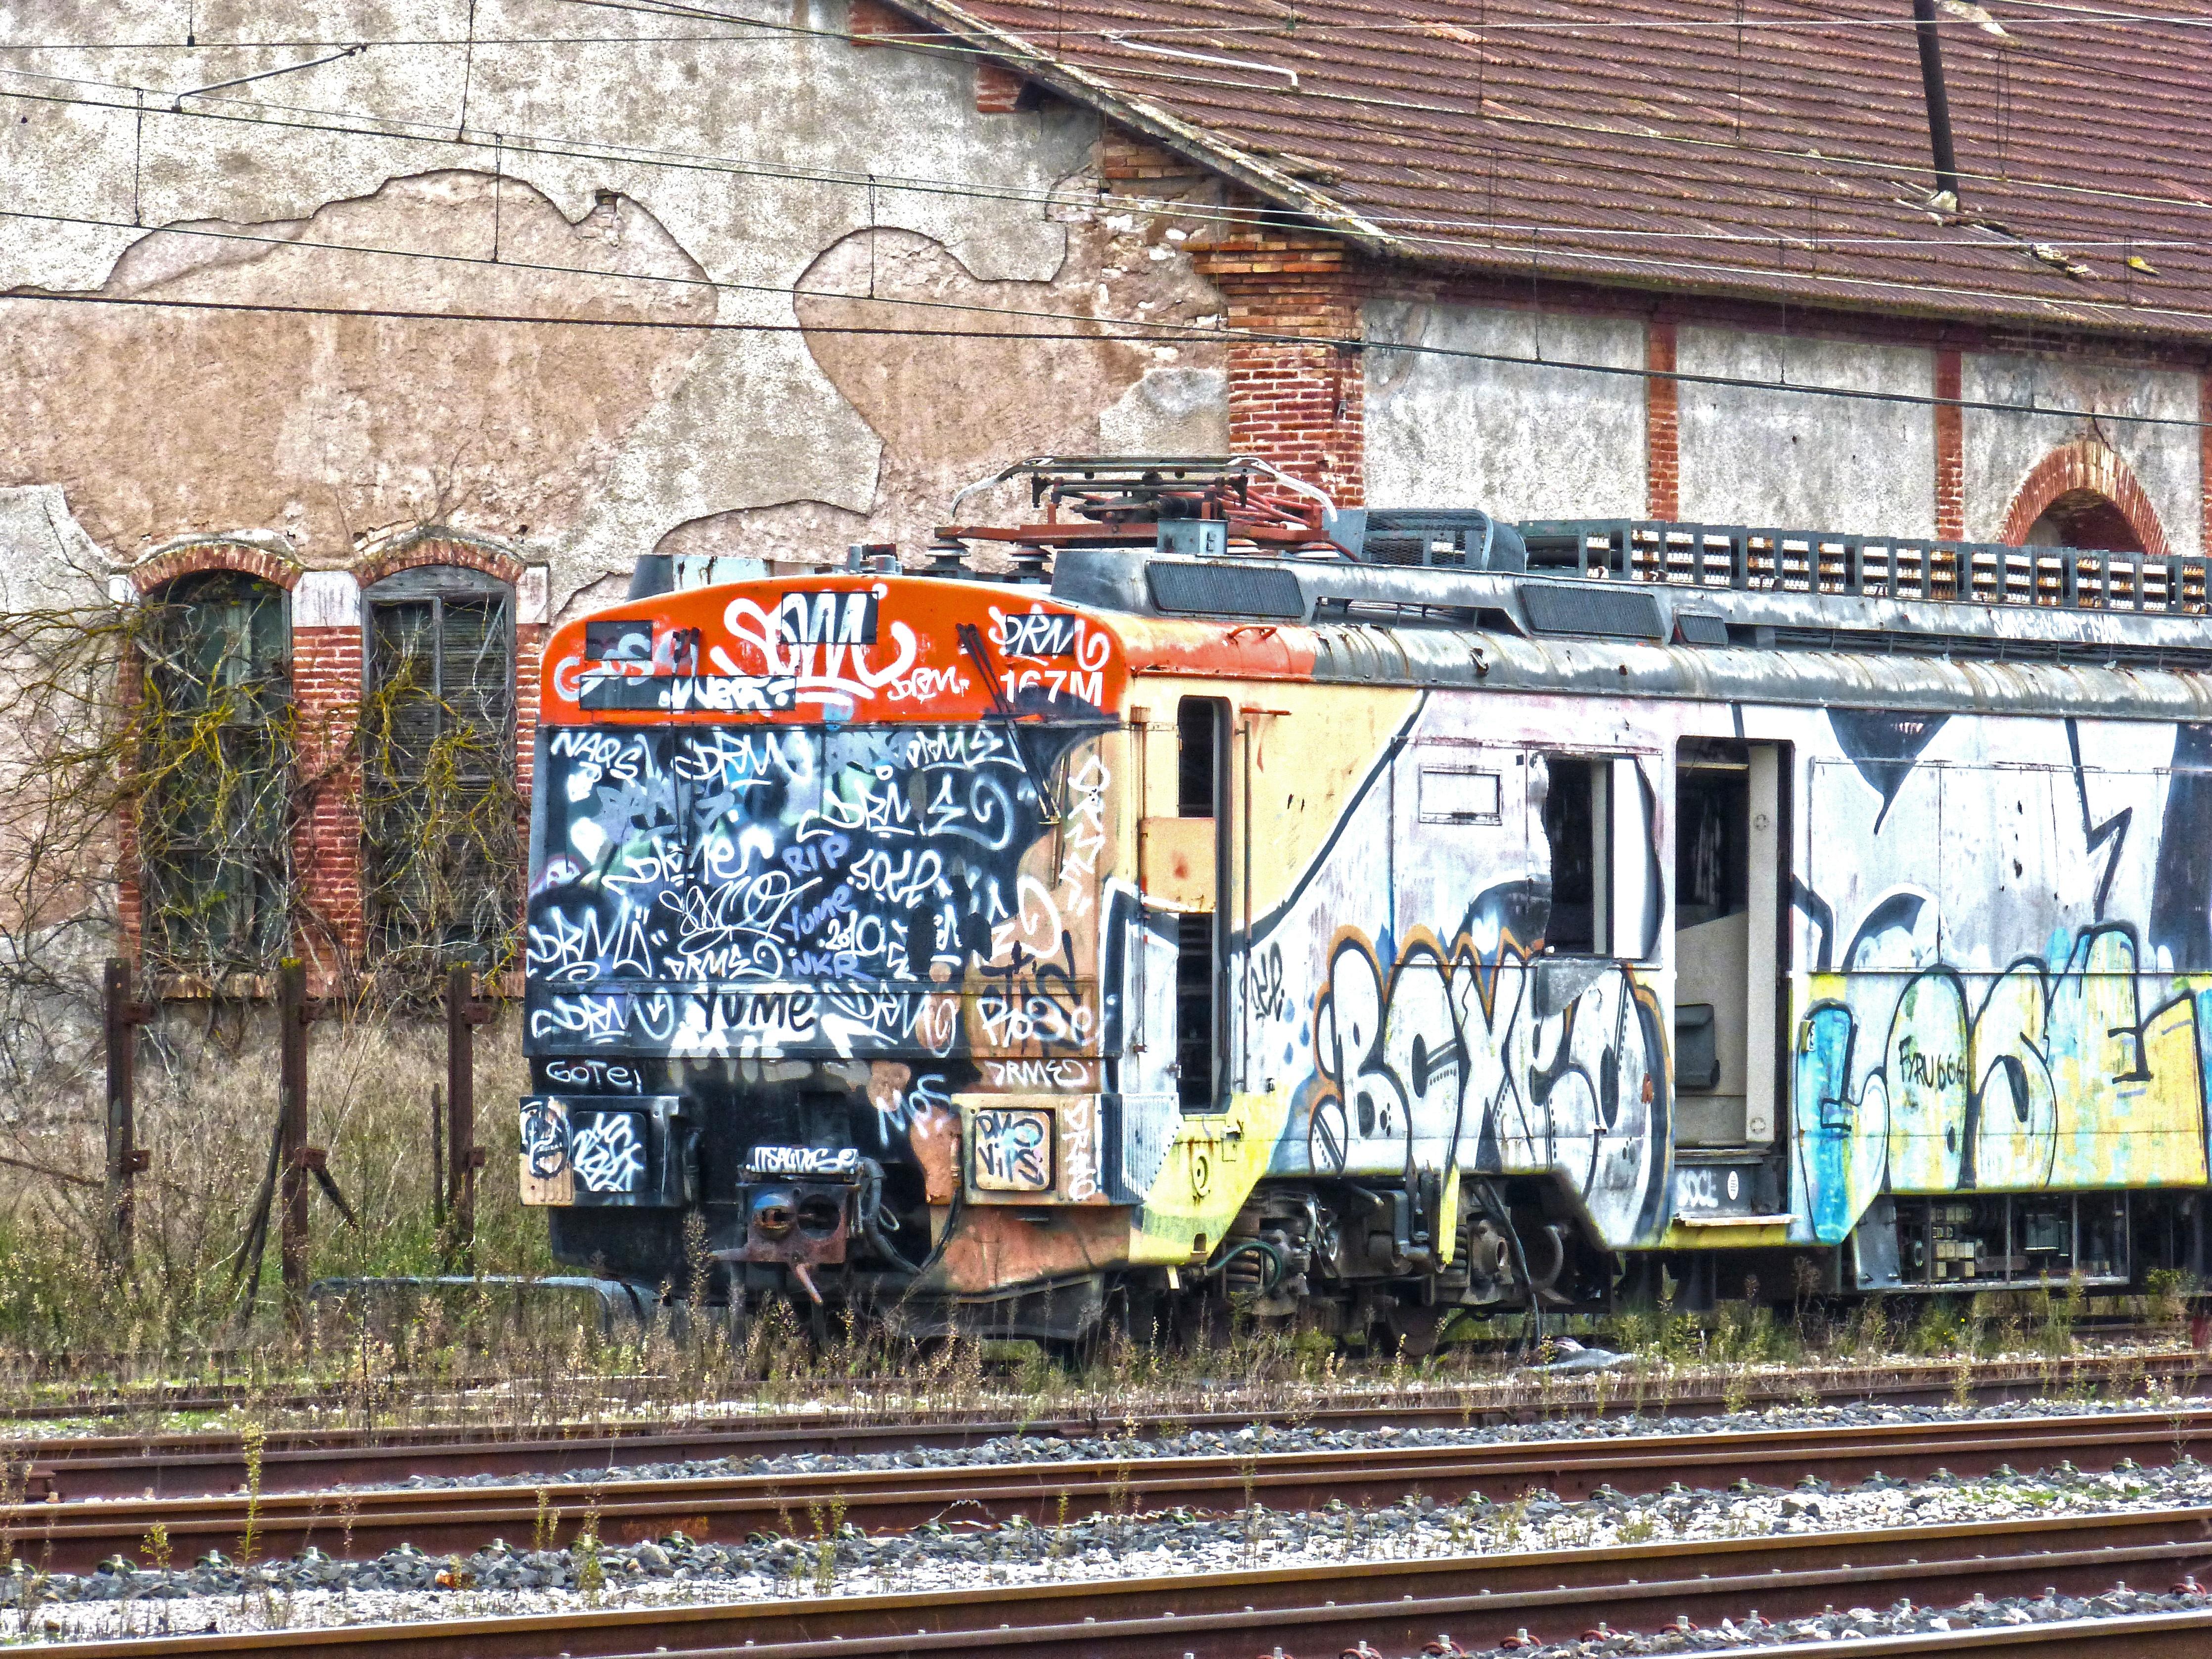 Free Images : track, train, vehicle, abandoned, graffiti